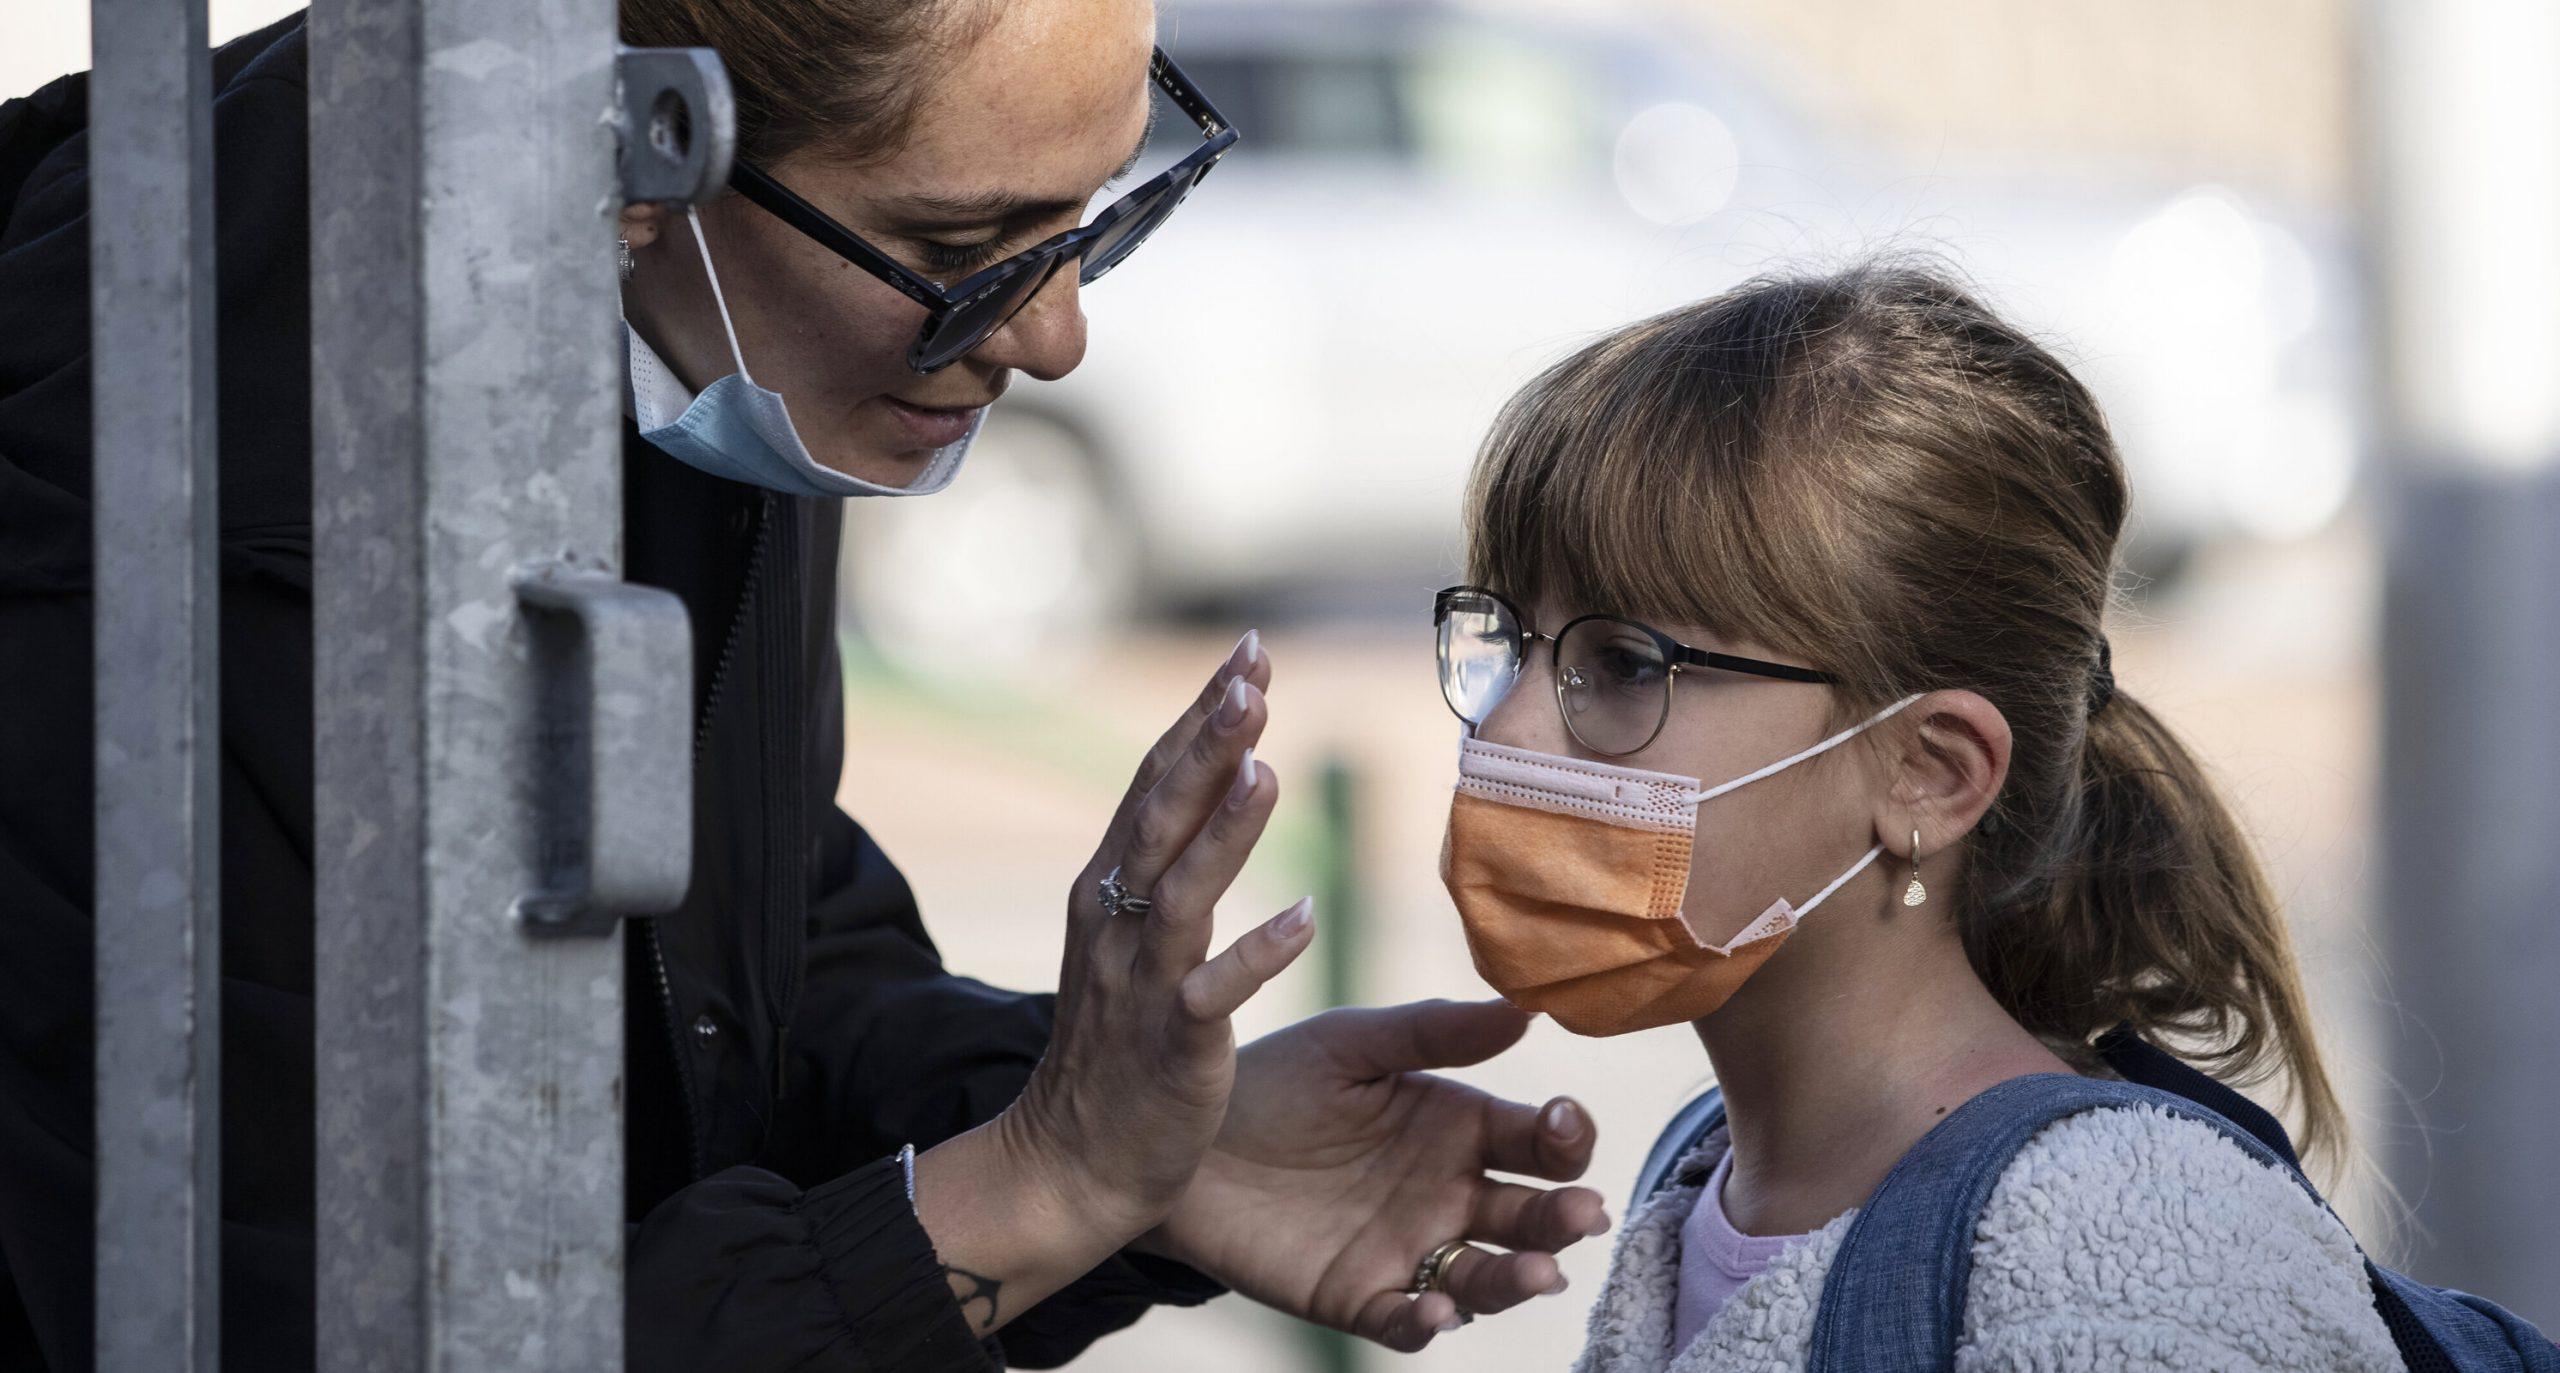 Covid-19  Copiii sunt protejați prin simplul fapt că adulții din jurul lor sunt vaccinați, arată un studiu israelian. Speranțe pentru realizarea imunității de turmă